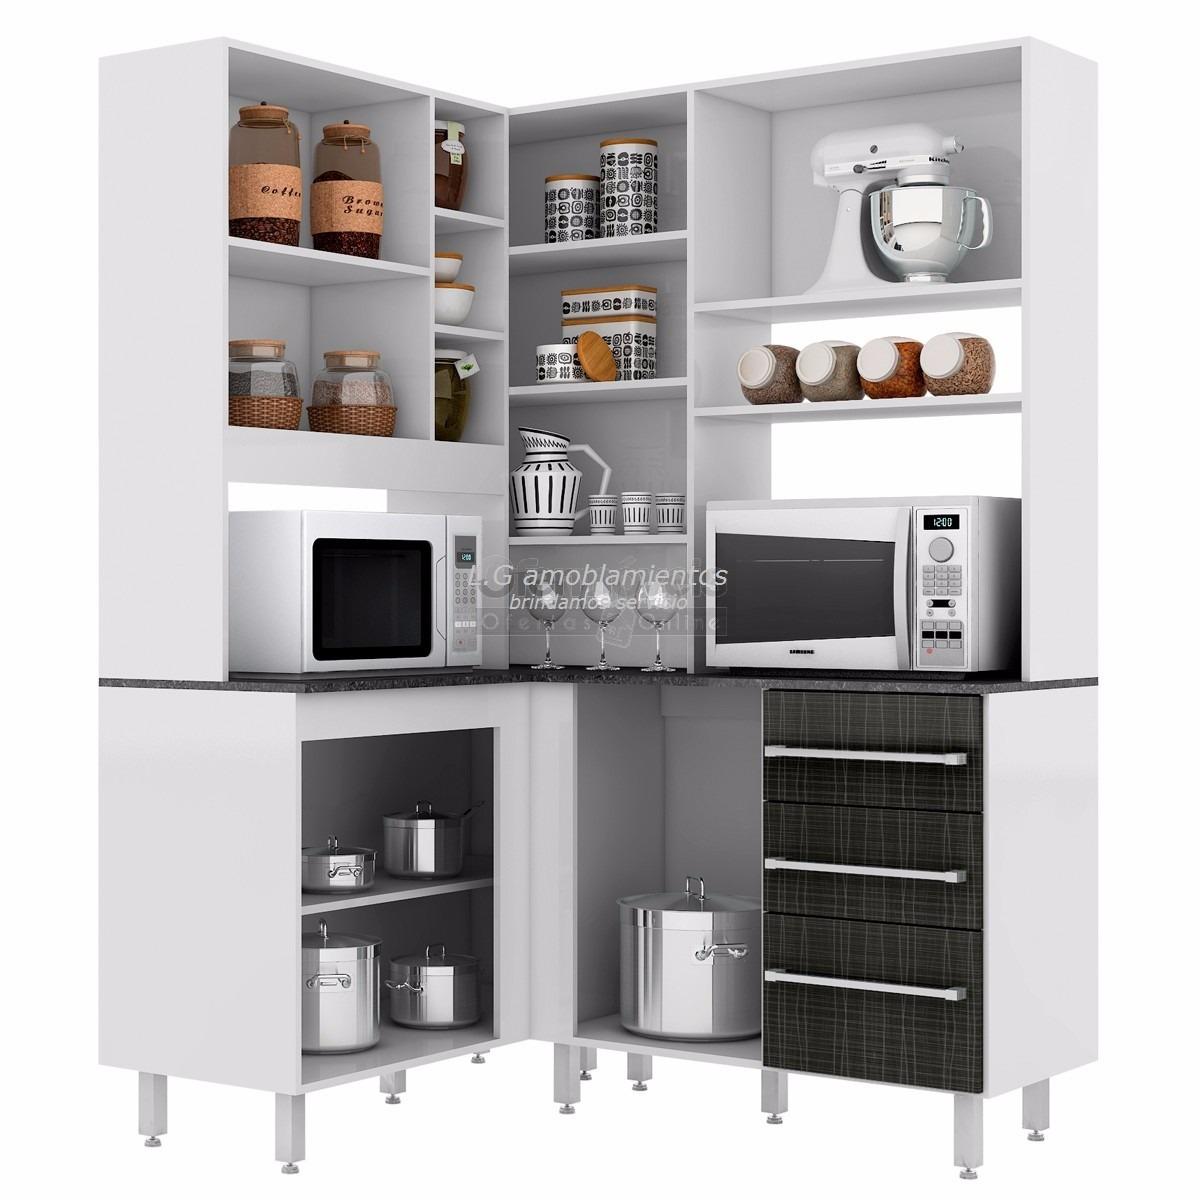 Muebles de cocina esquineros muebles clasicos cocinas for Armarios de cocina esquineros